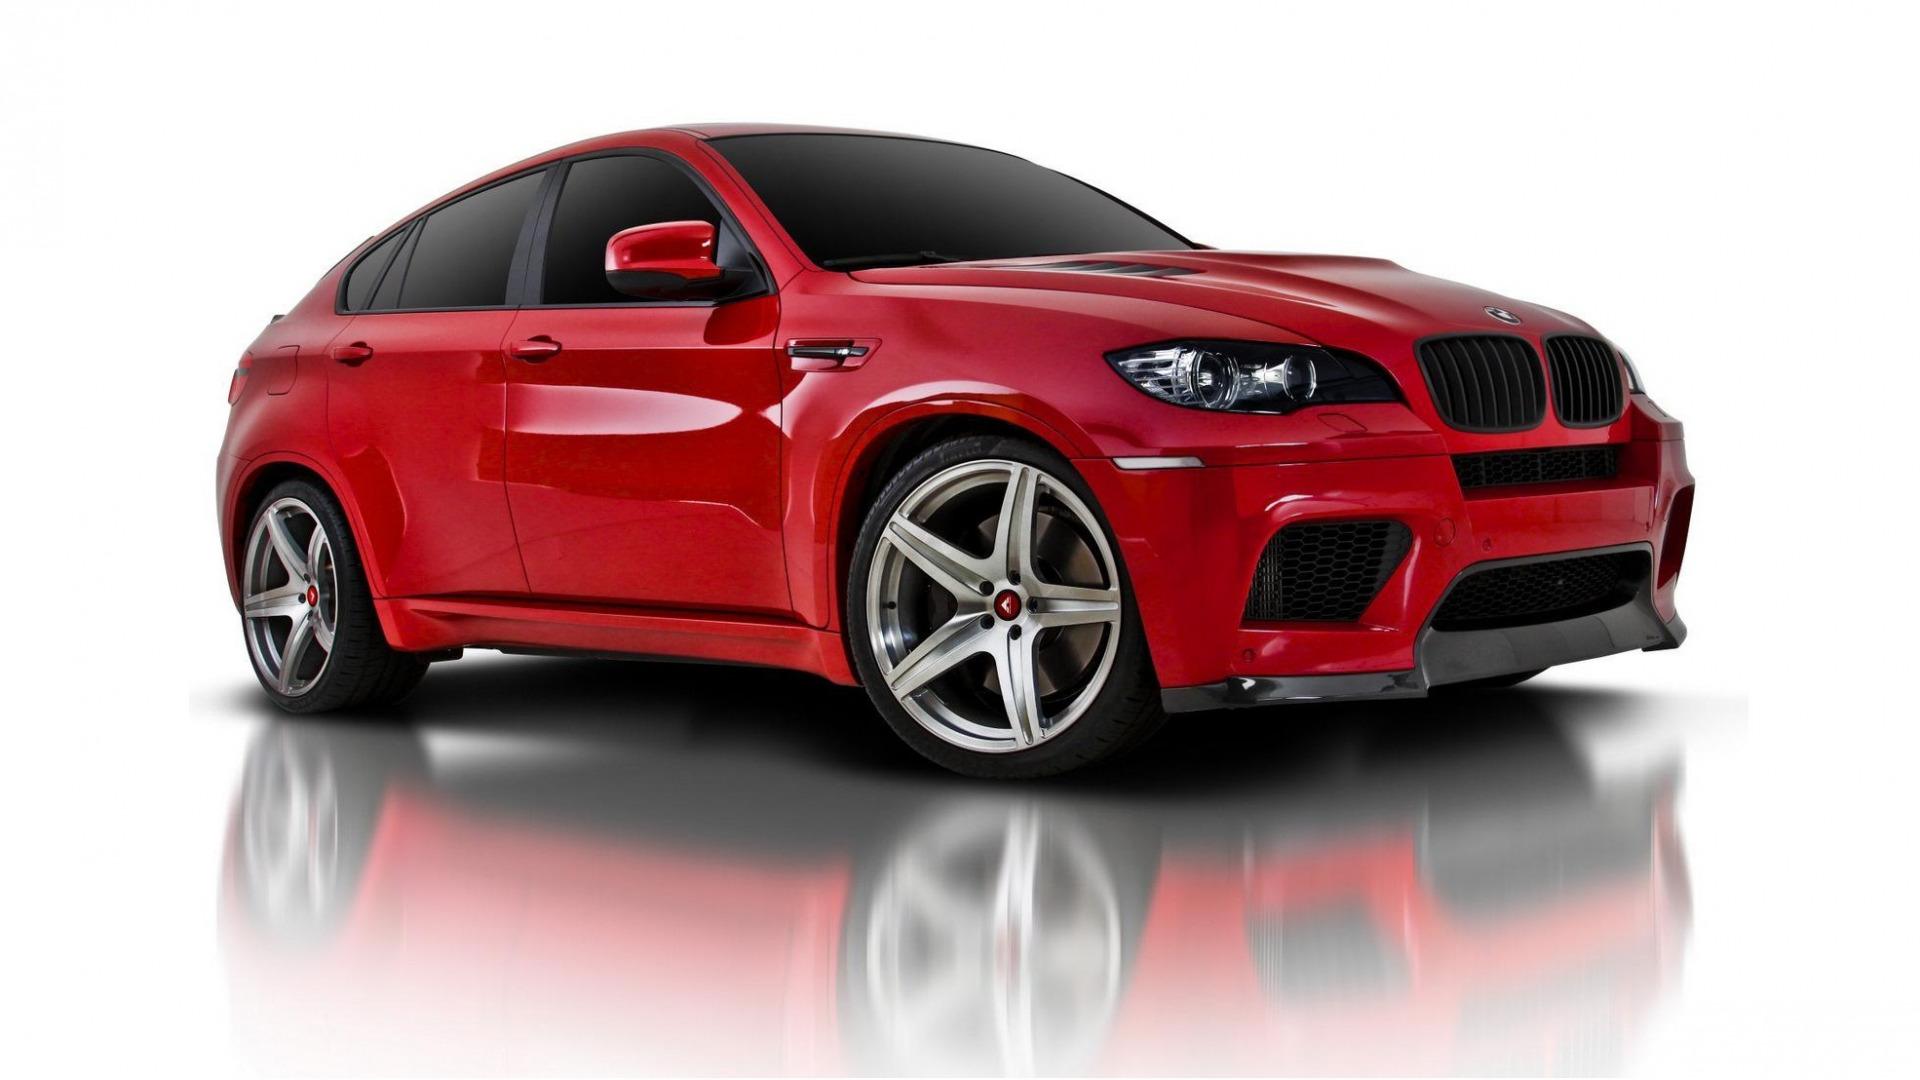 красный автомобиль bmw x6 red car  № 318904 без смс